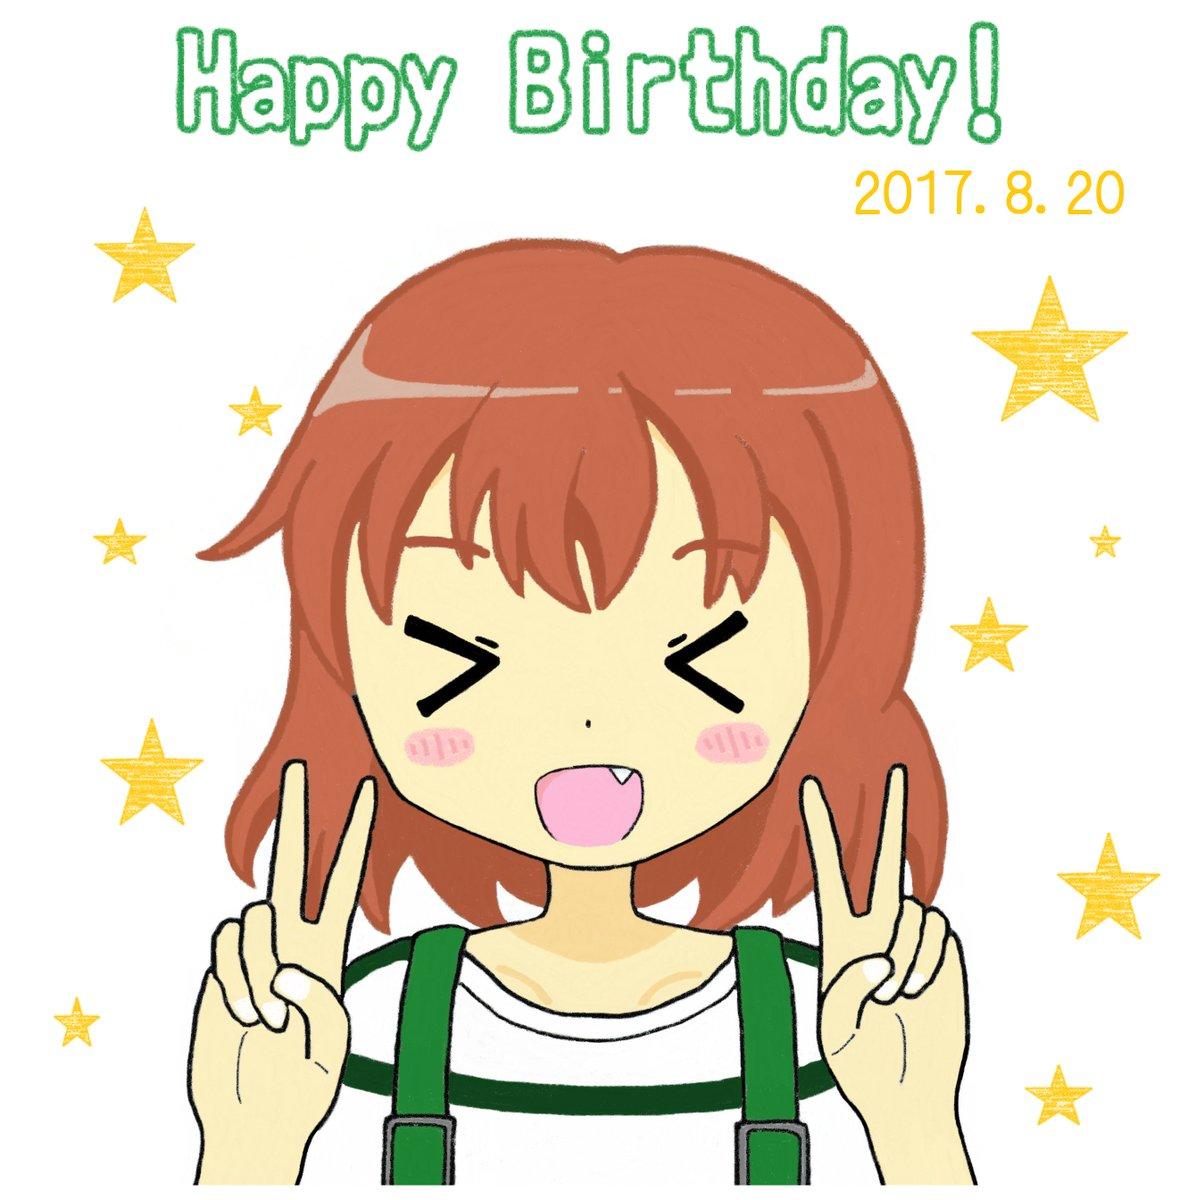 陽子、お誕生日おめでとう!!!!!🎉🎊いつも元気いっぱい!これからもキレのあるツッコミ楽しみにしてます♪来年は絵が上手く